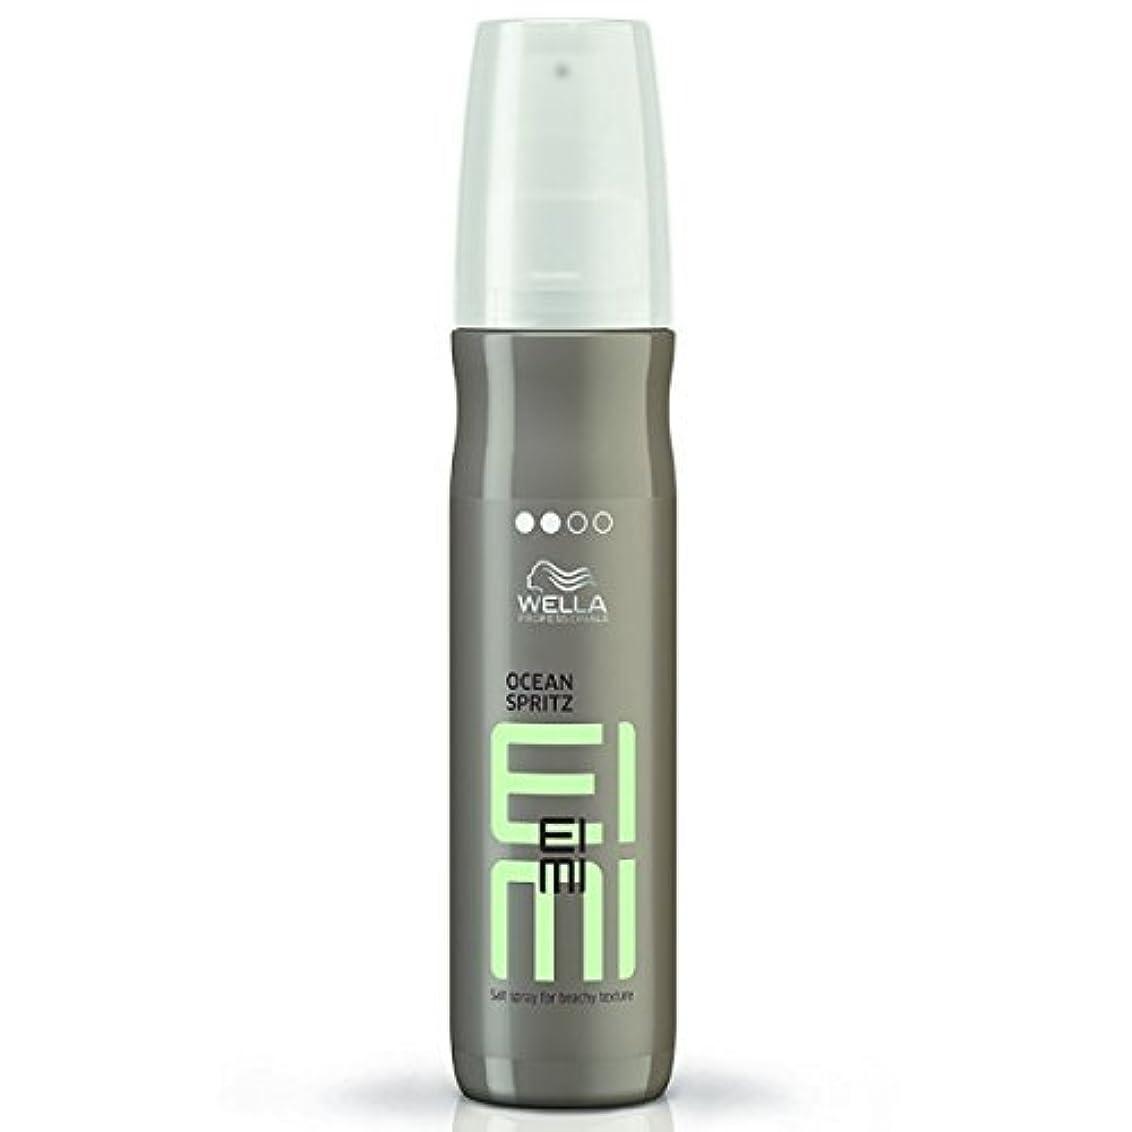 矢団結お願いしますWella EIMI Ocean Spritz - Salt Spray For Beachy Hair Texture 150 ml [並行輸入品]